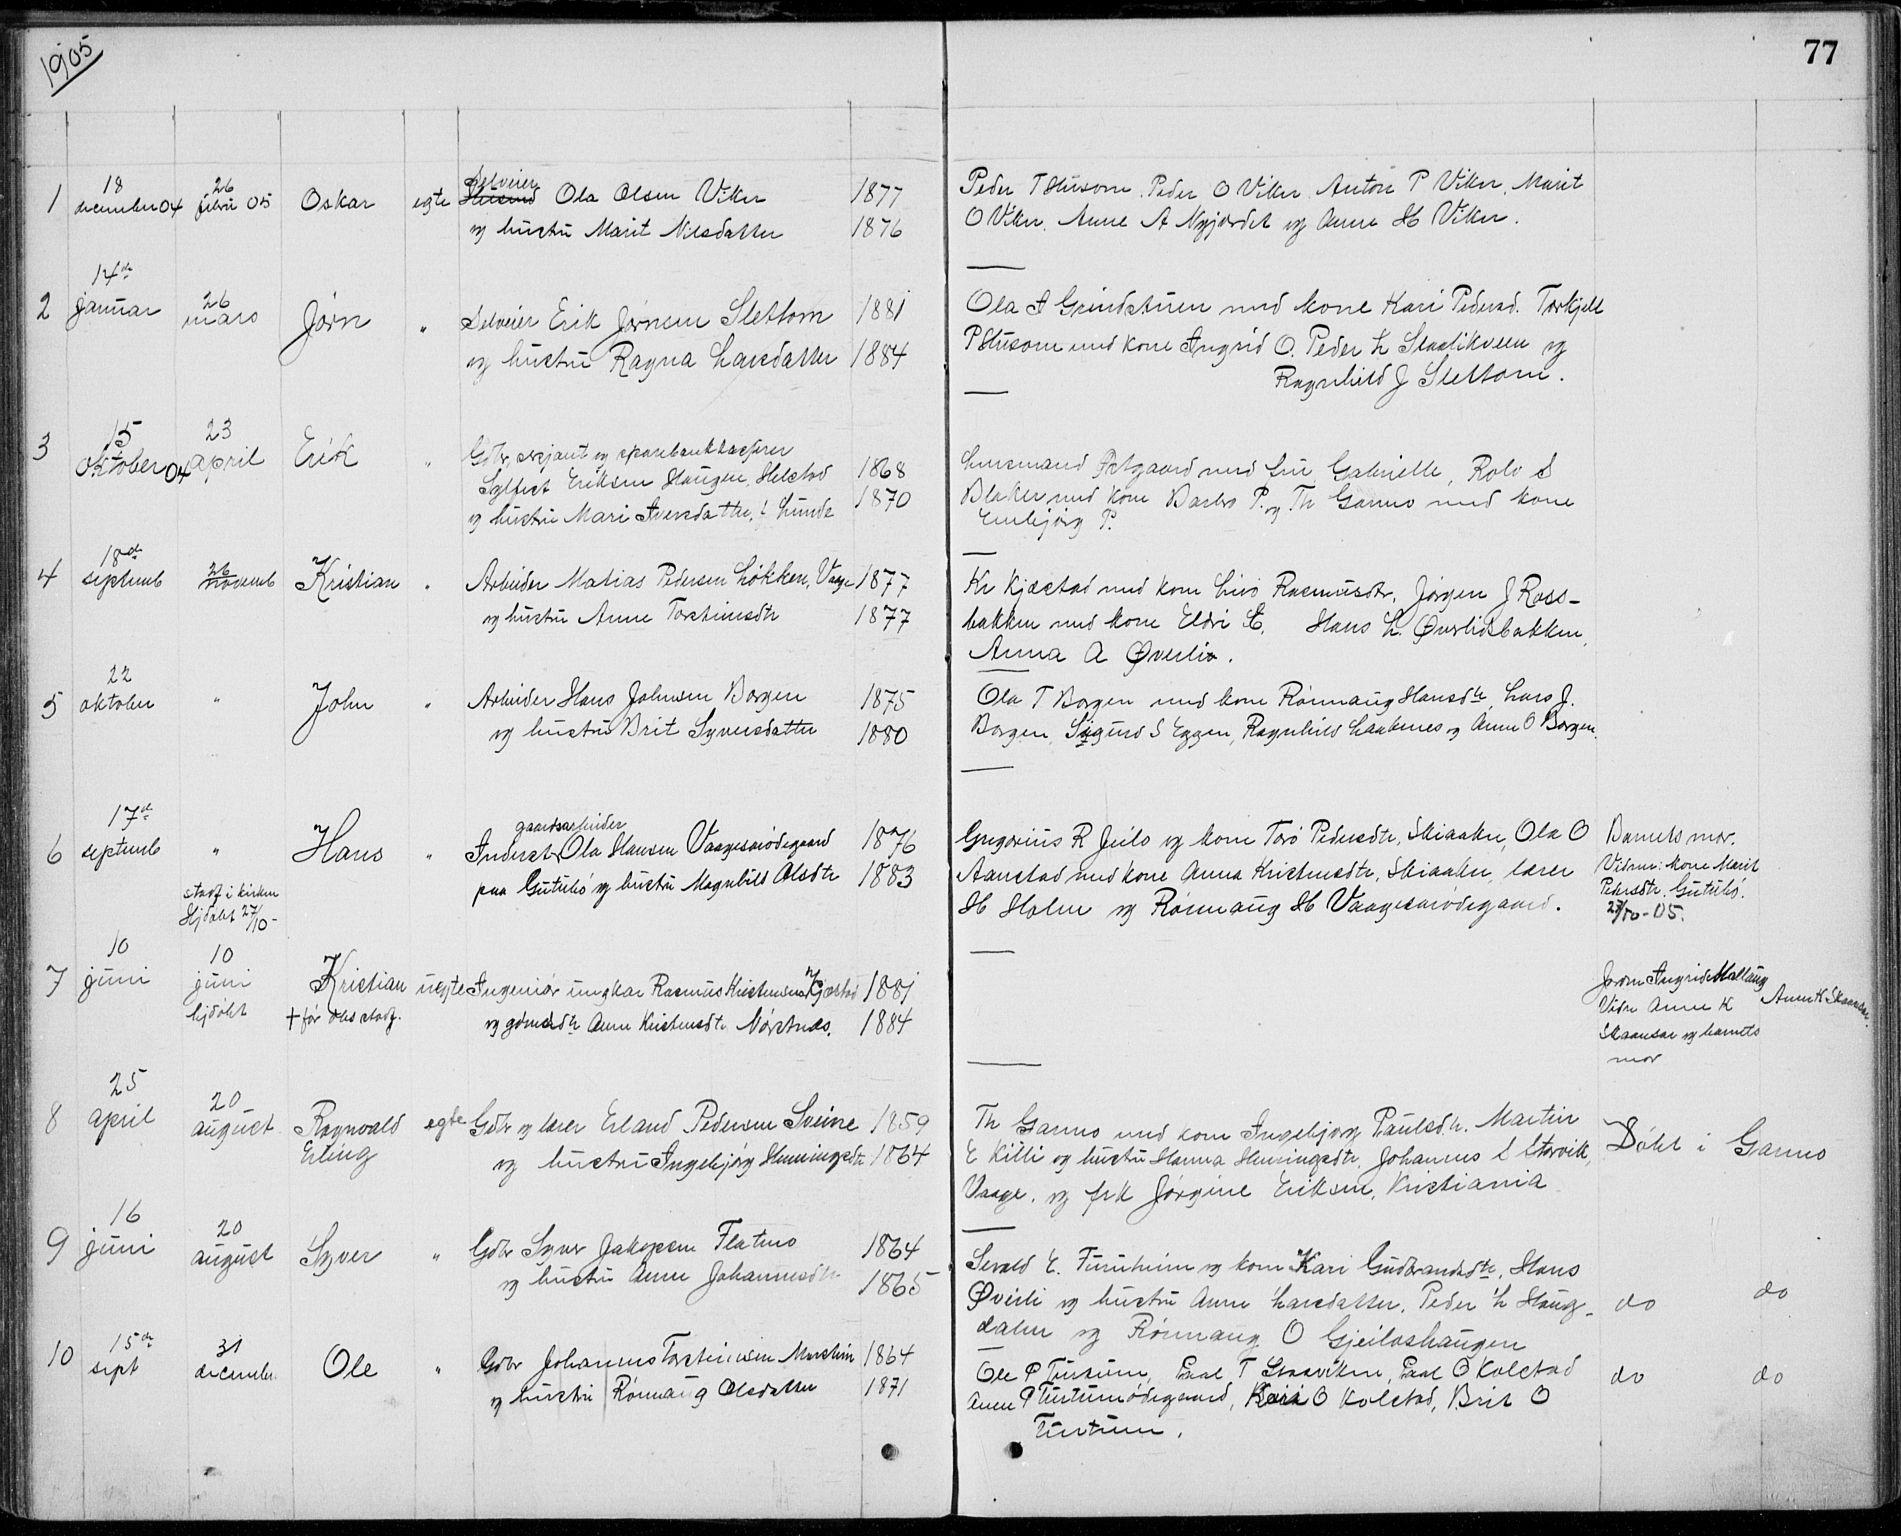 SAH, Lom prestekontor, L/L0013: Klokkerbok nr. 13, 1874-1938, s. 77